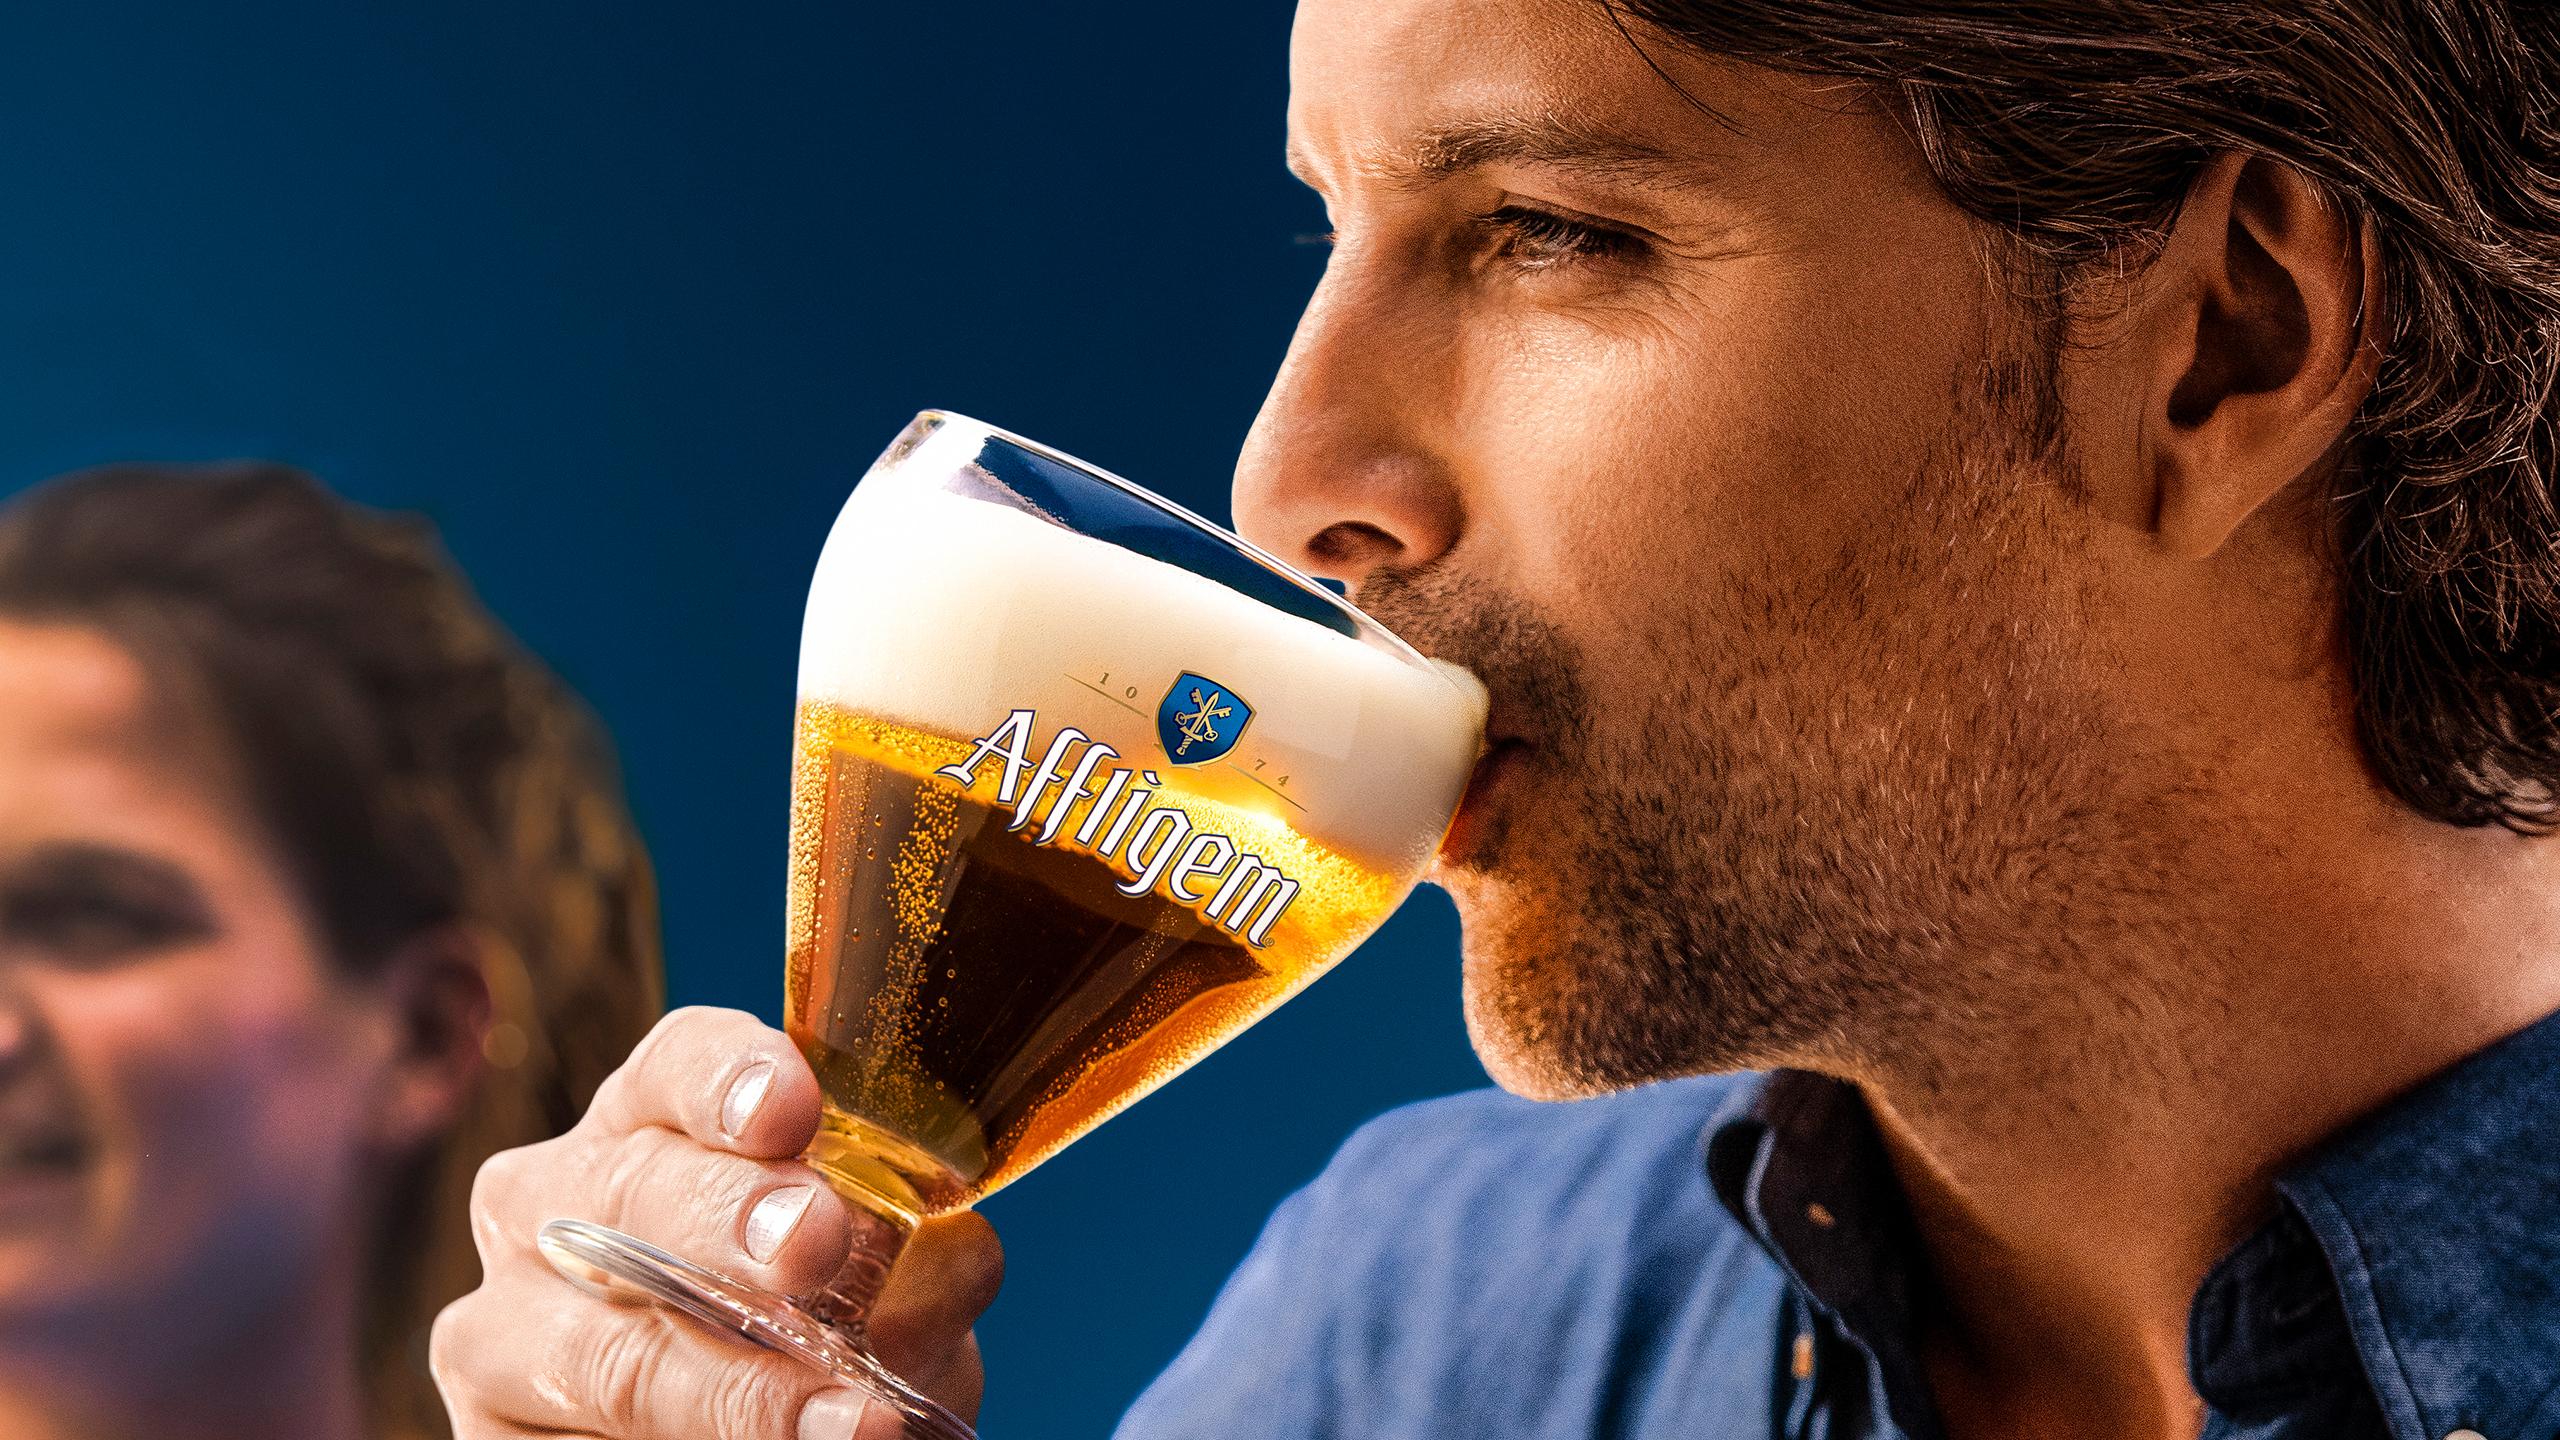 Affligem-beer-bier-photography-heineken-beingthere